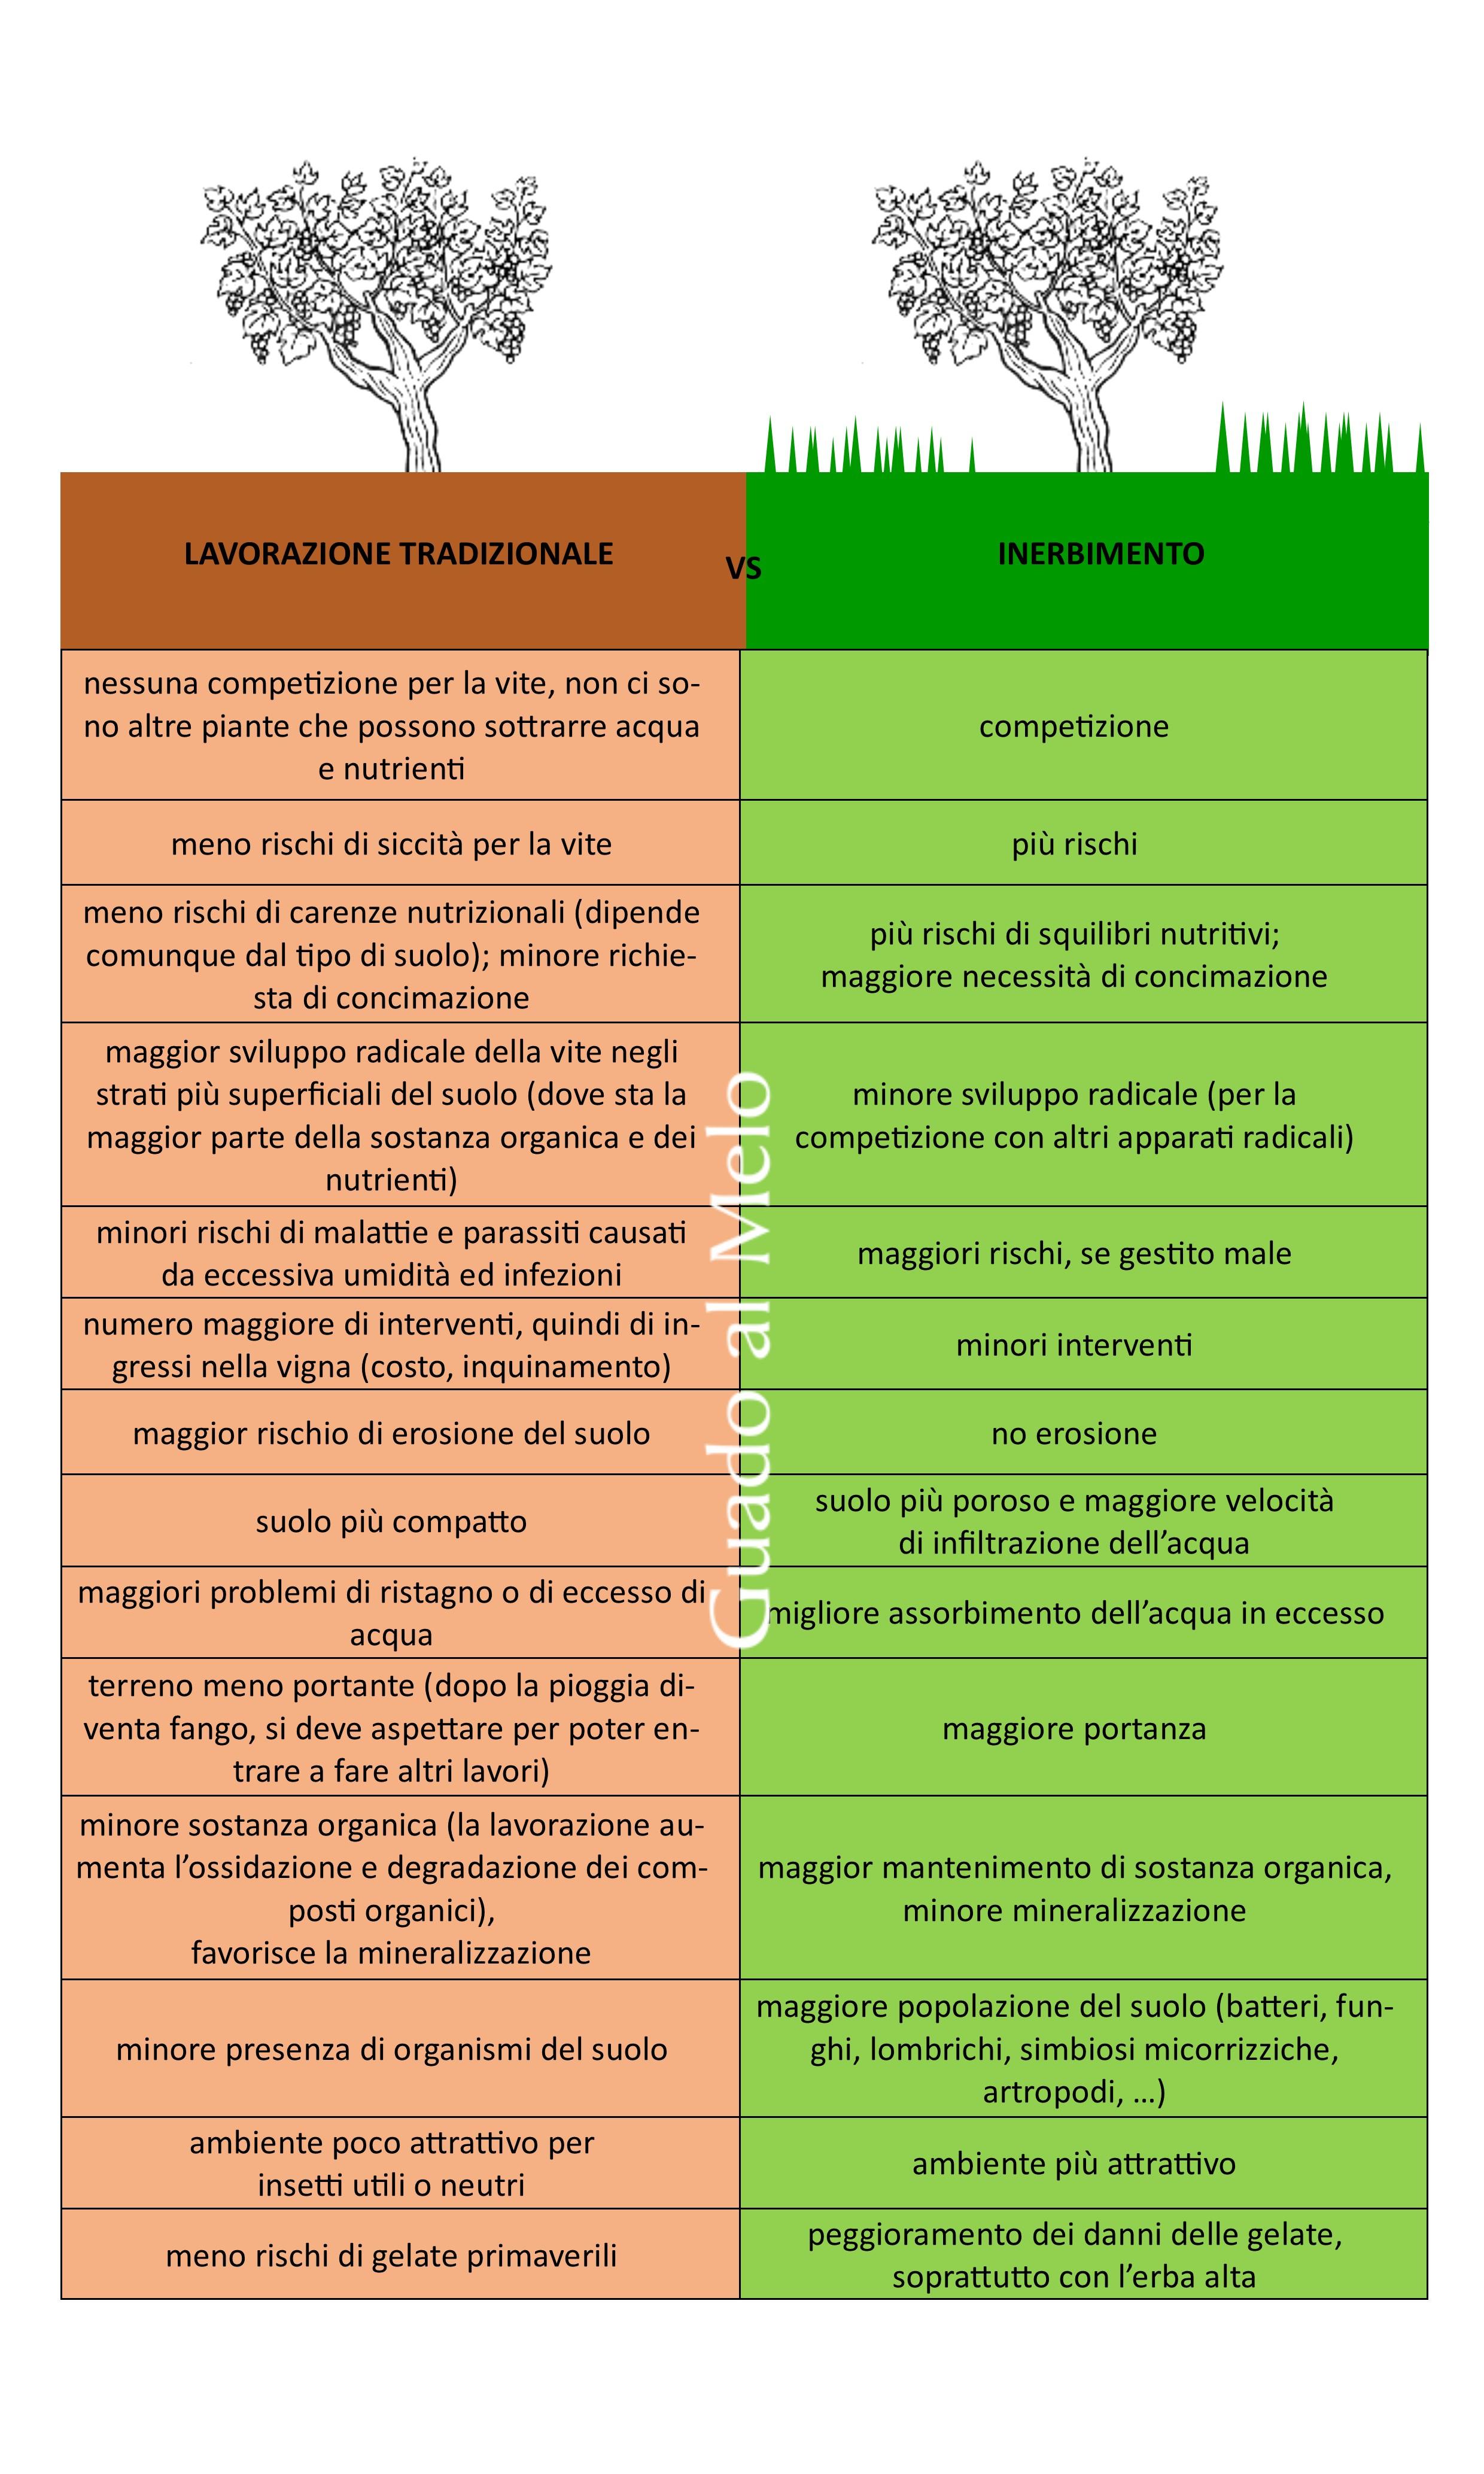 confronto fra inerbimento e lavorazione